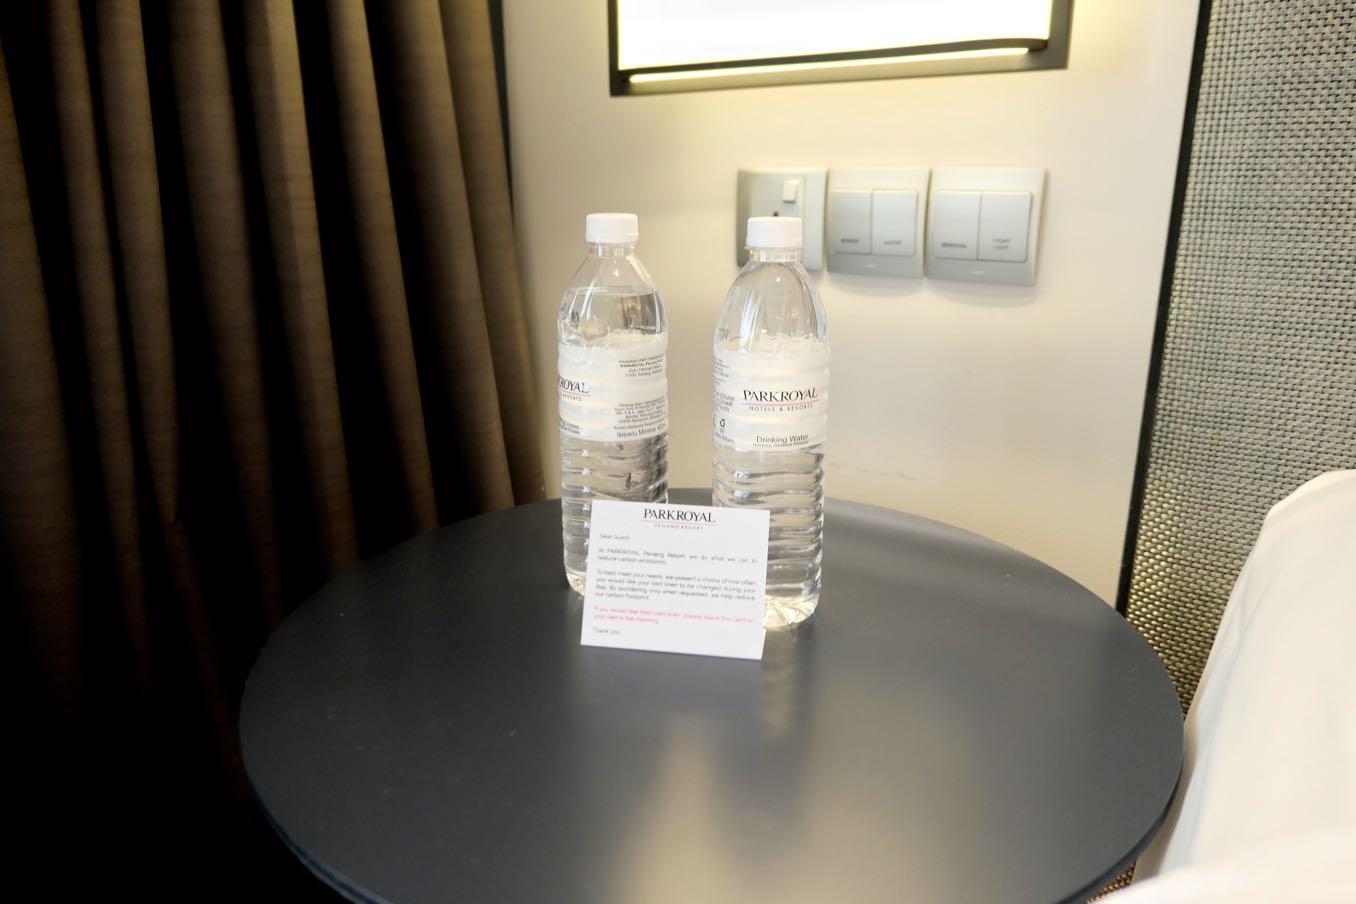 水のペットボトルは無料でくれる